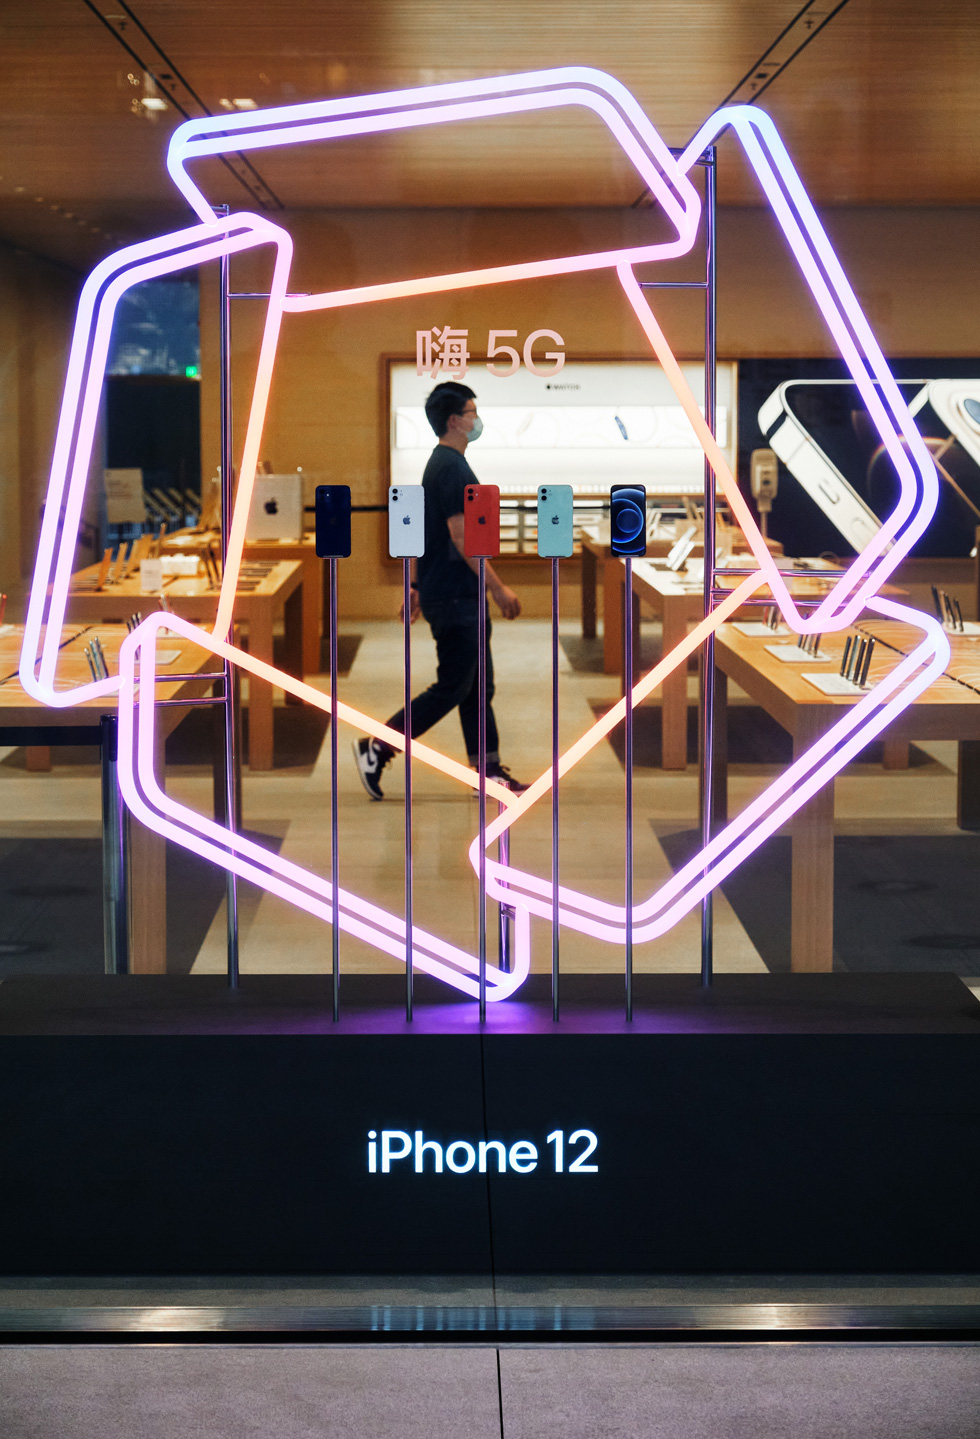 Apple 三里屯零售店一面展示全新 iPhone 12 系列产品的橱窗。